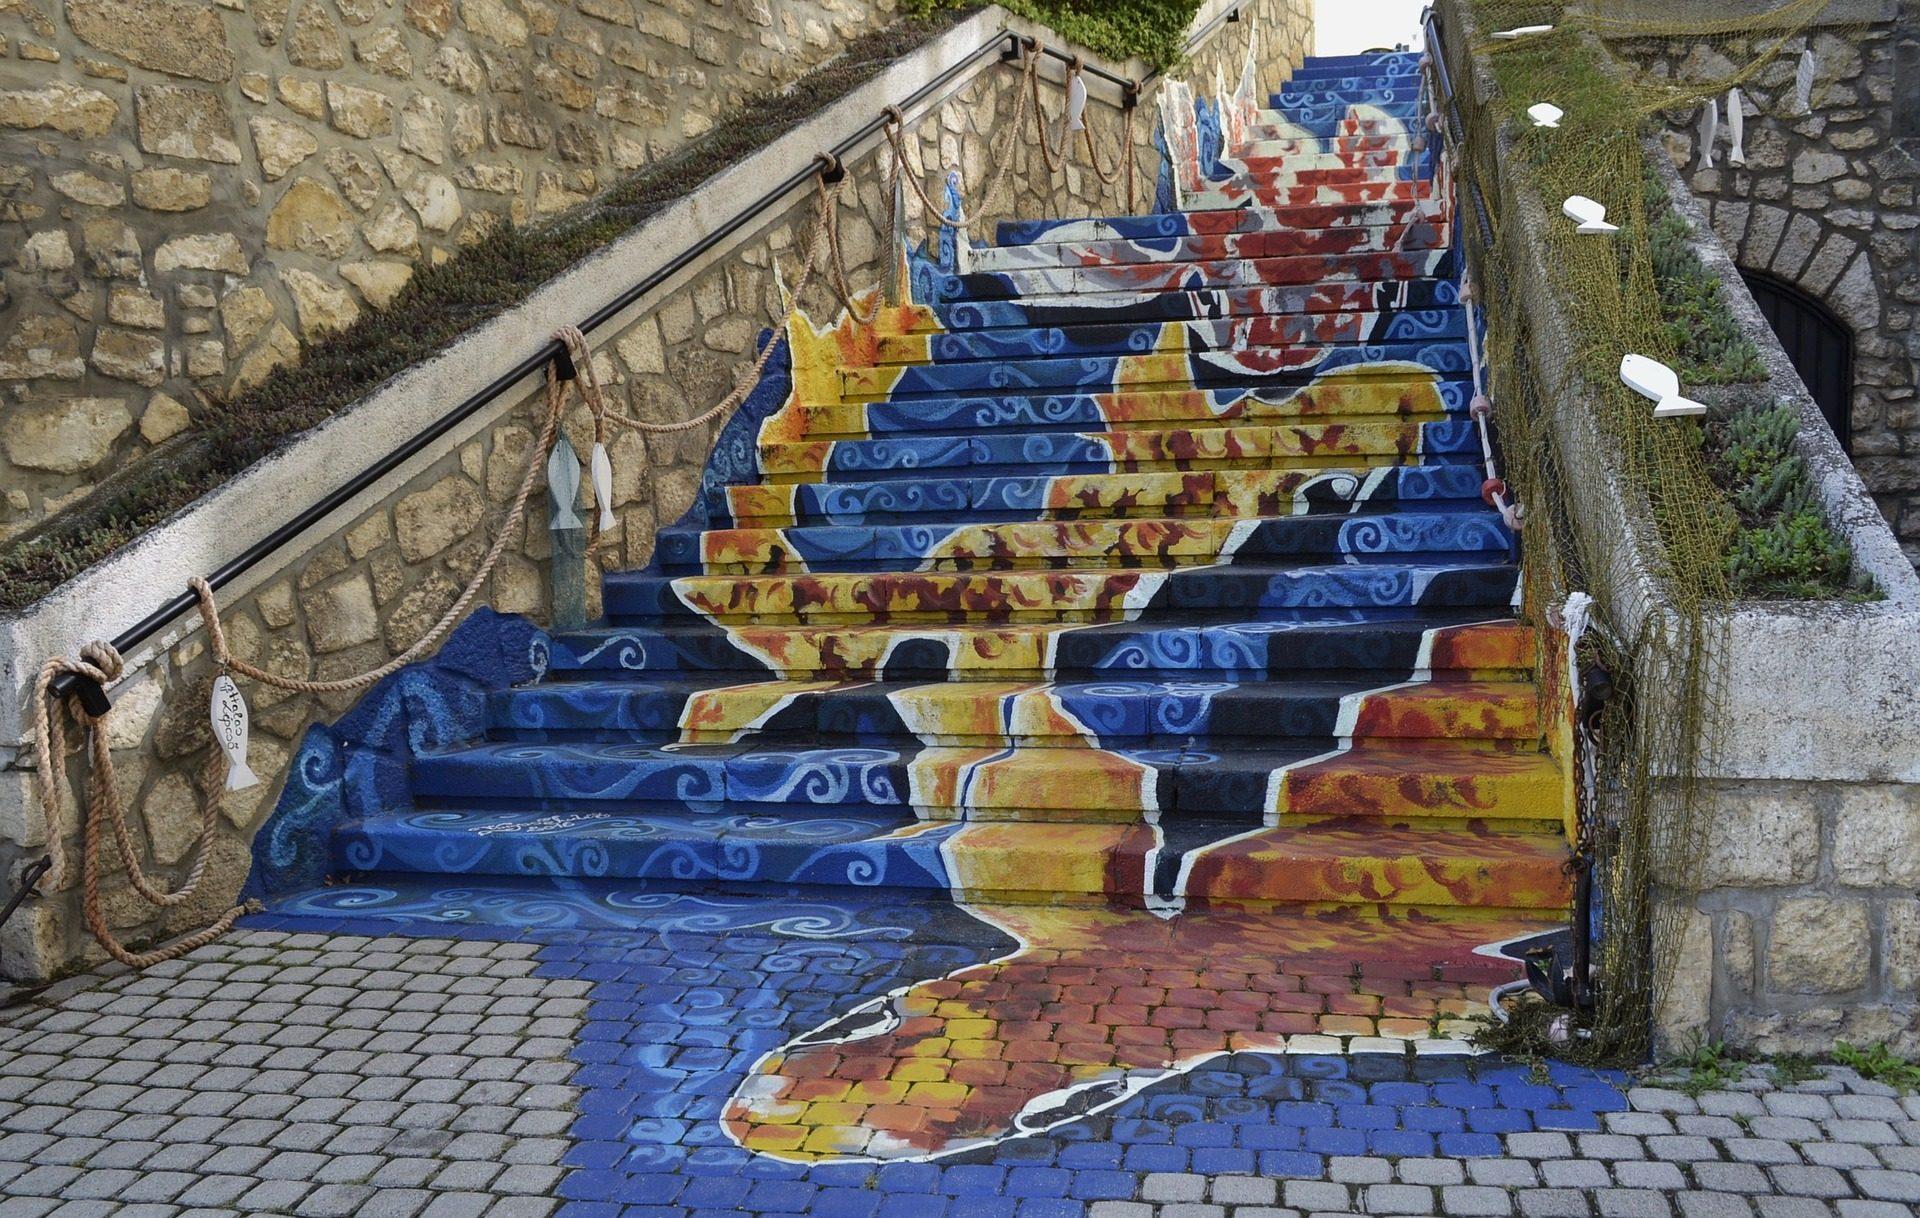 σκάλες, βήματα σκαλοπατιών, Ζωγραφική, Γκράφιτι, ψάρια - Wallpapers HD - Professor-falken.com